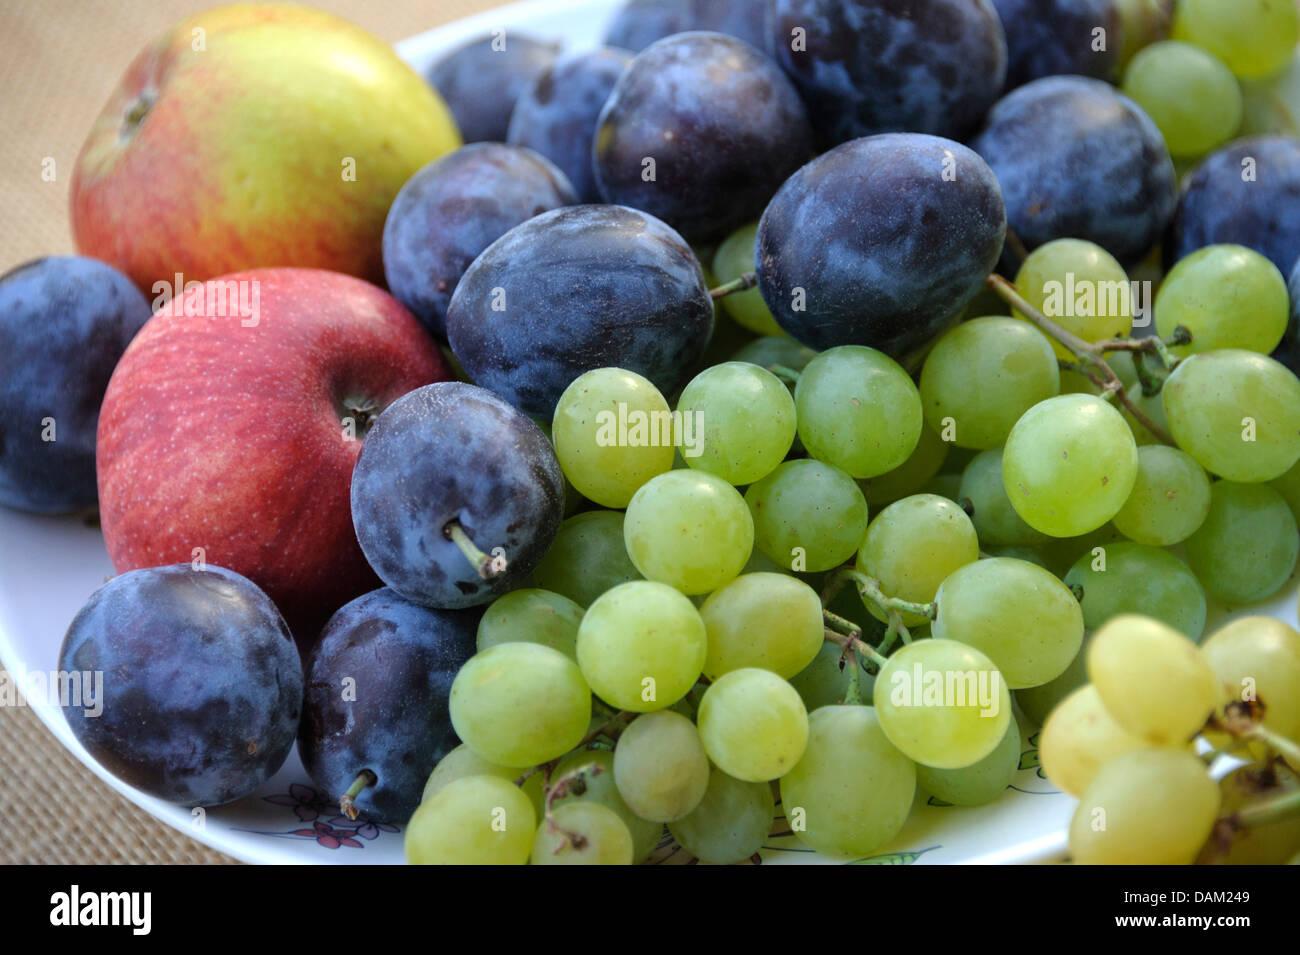 Las ciruelas, manzanas y uvas en una placa Imagen De Stock